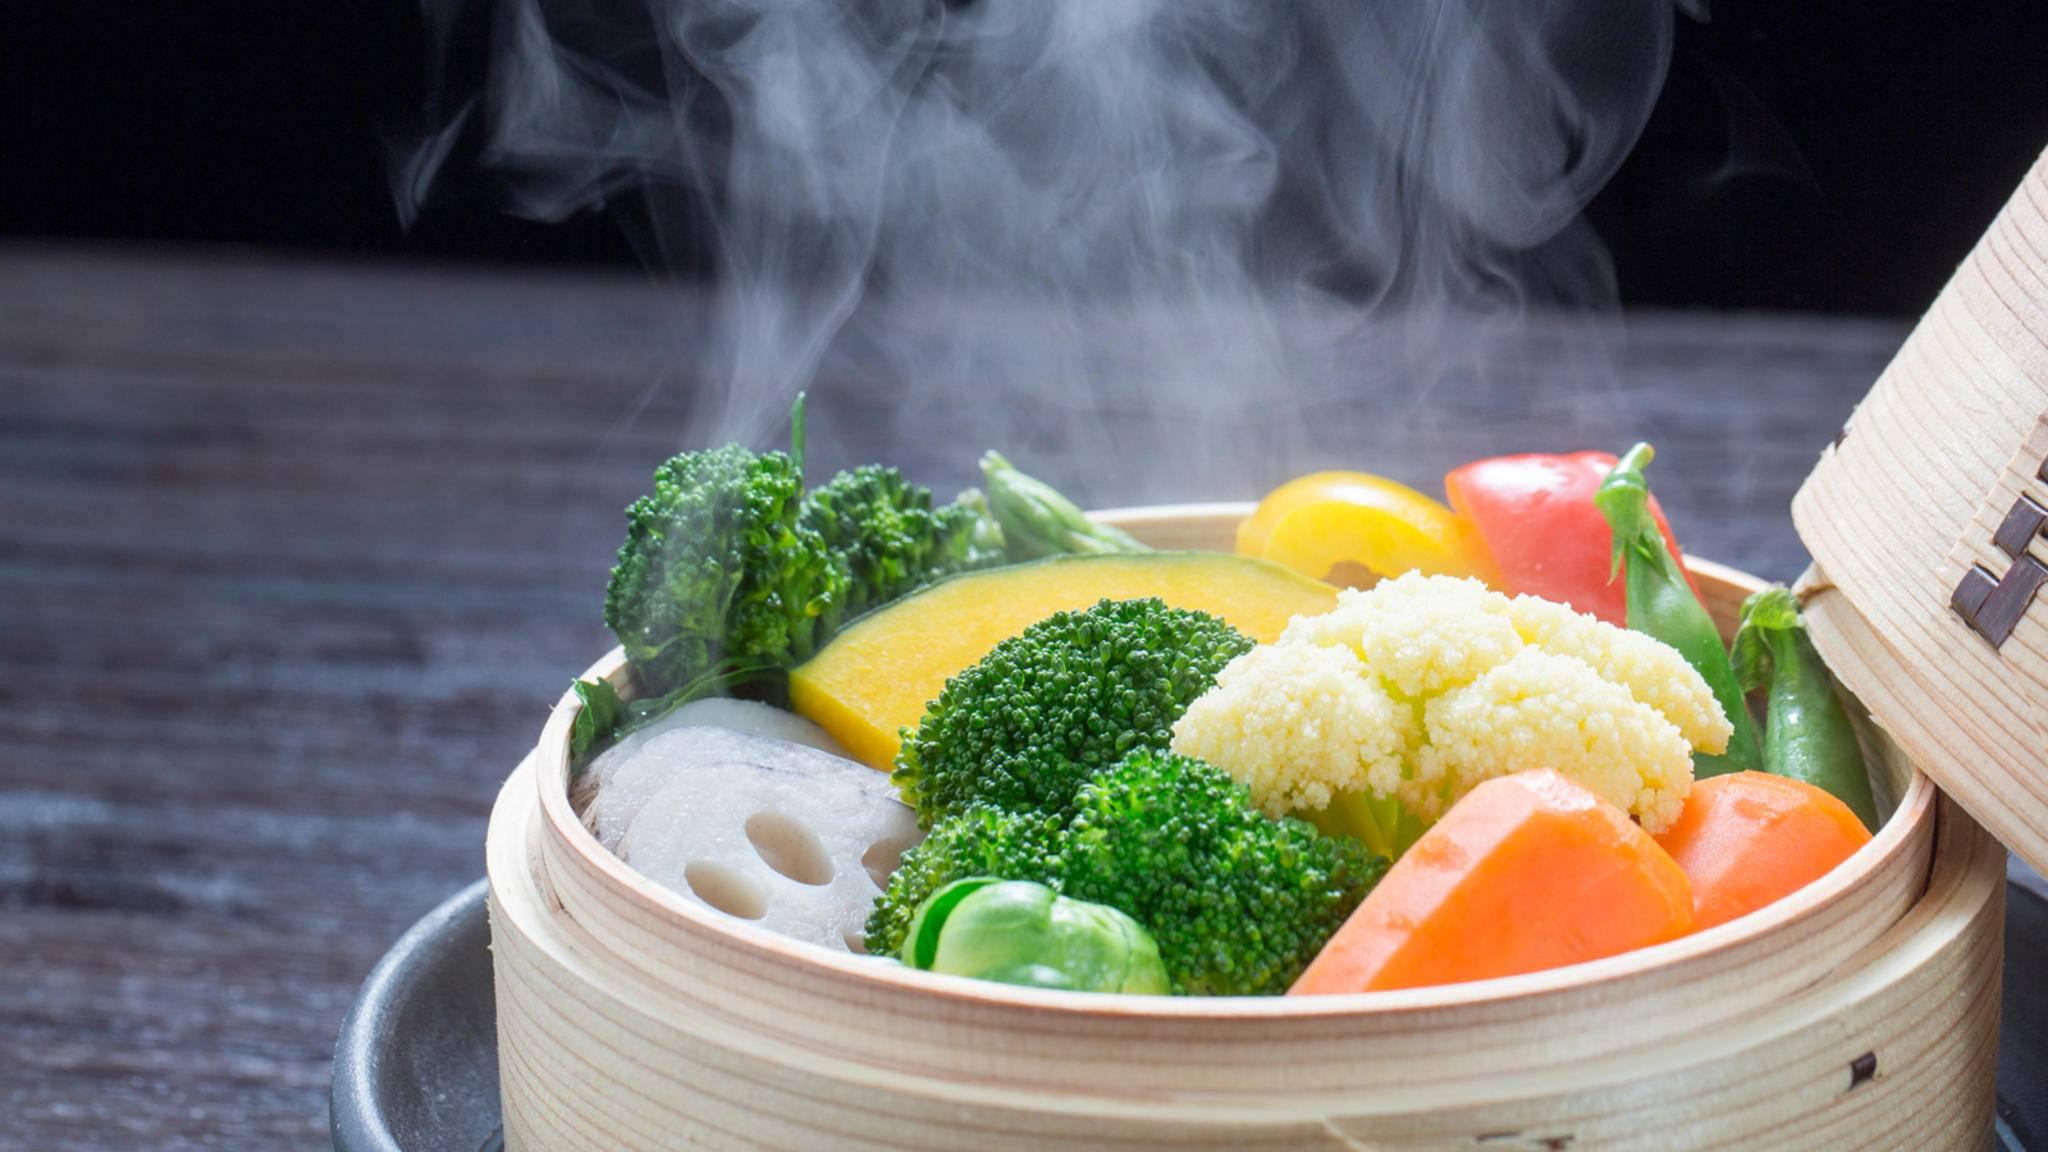 Dampfgaren beschert Dir leckere Gerichte, die durch die schonende Zubereitung auch noch super gesund sind.